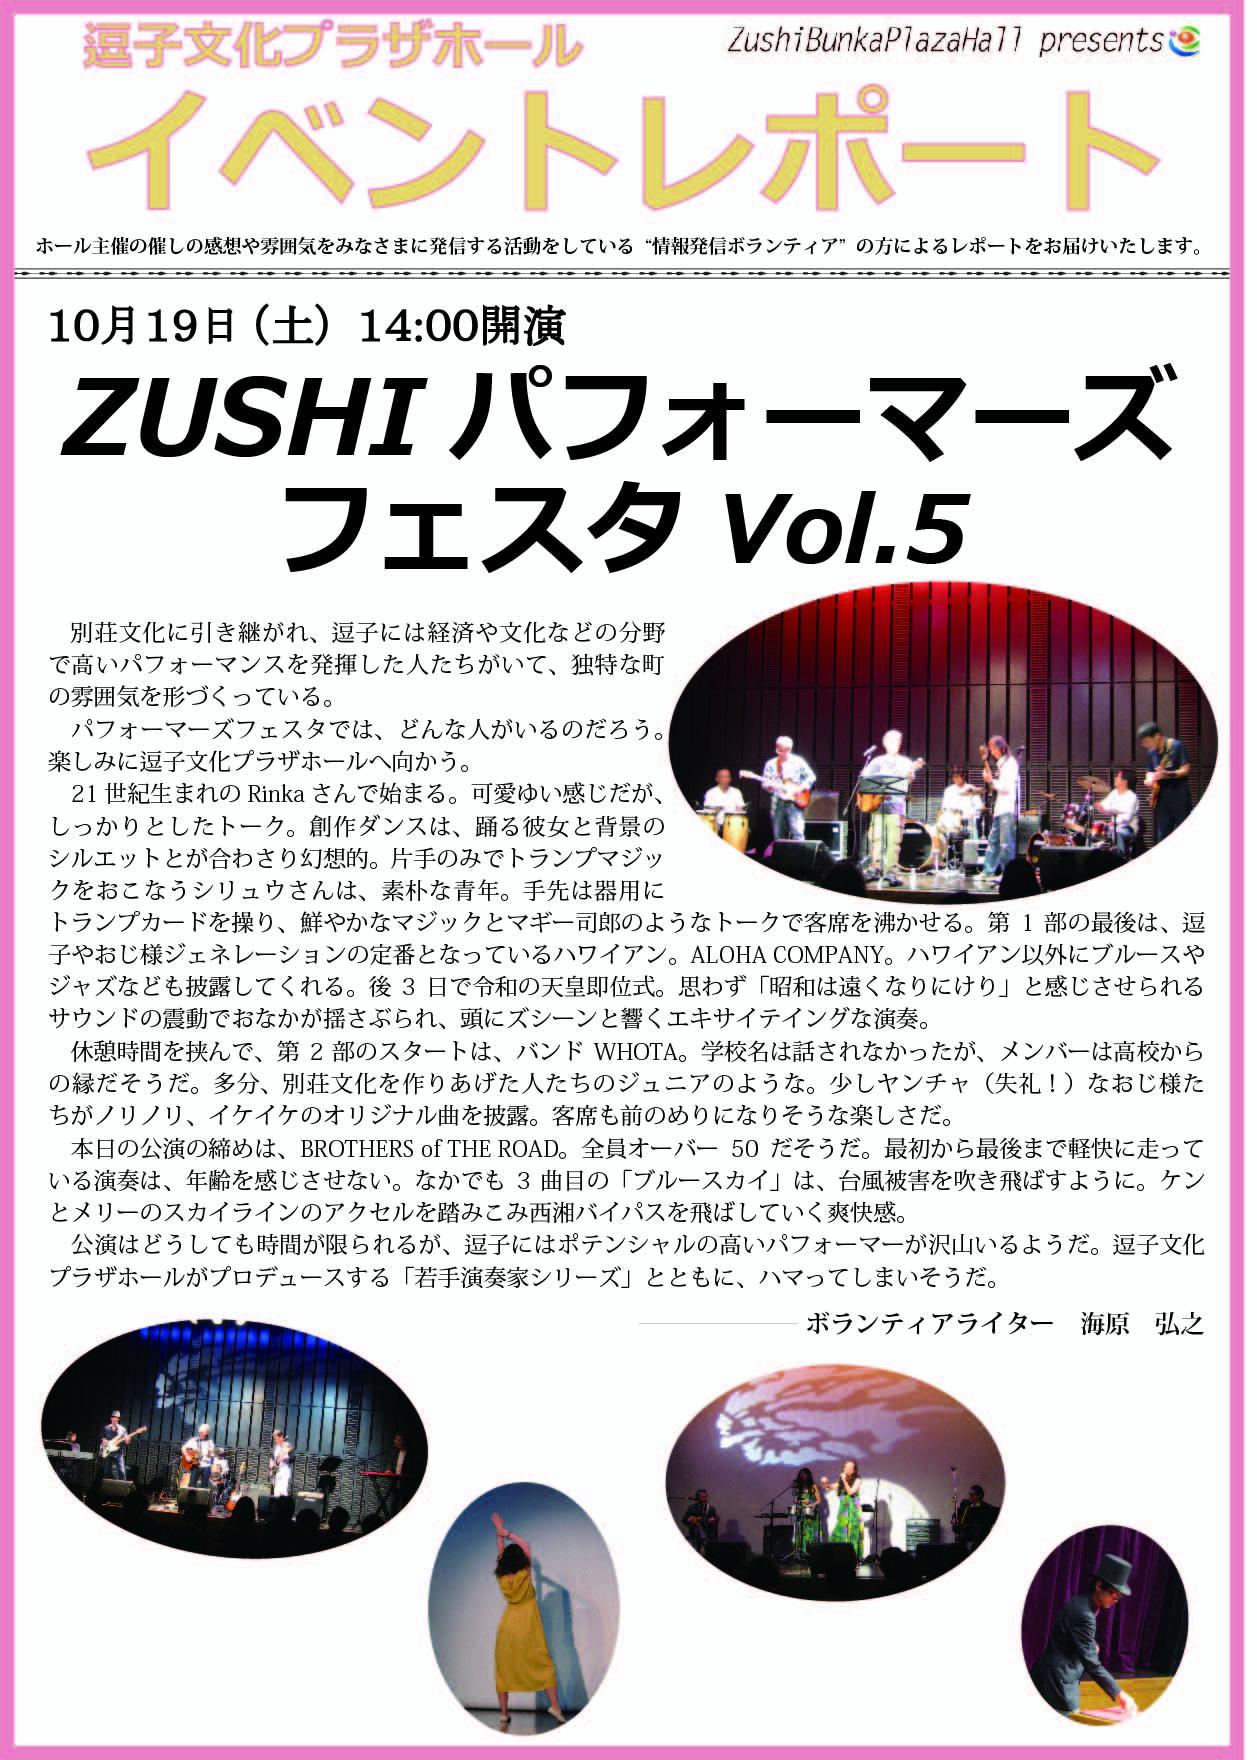 ★イベントレポート「ZUSHI パフォーマーズフェスタVol.5」2019年10月19日(土)開催